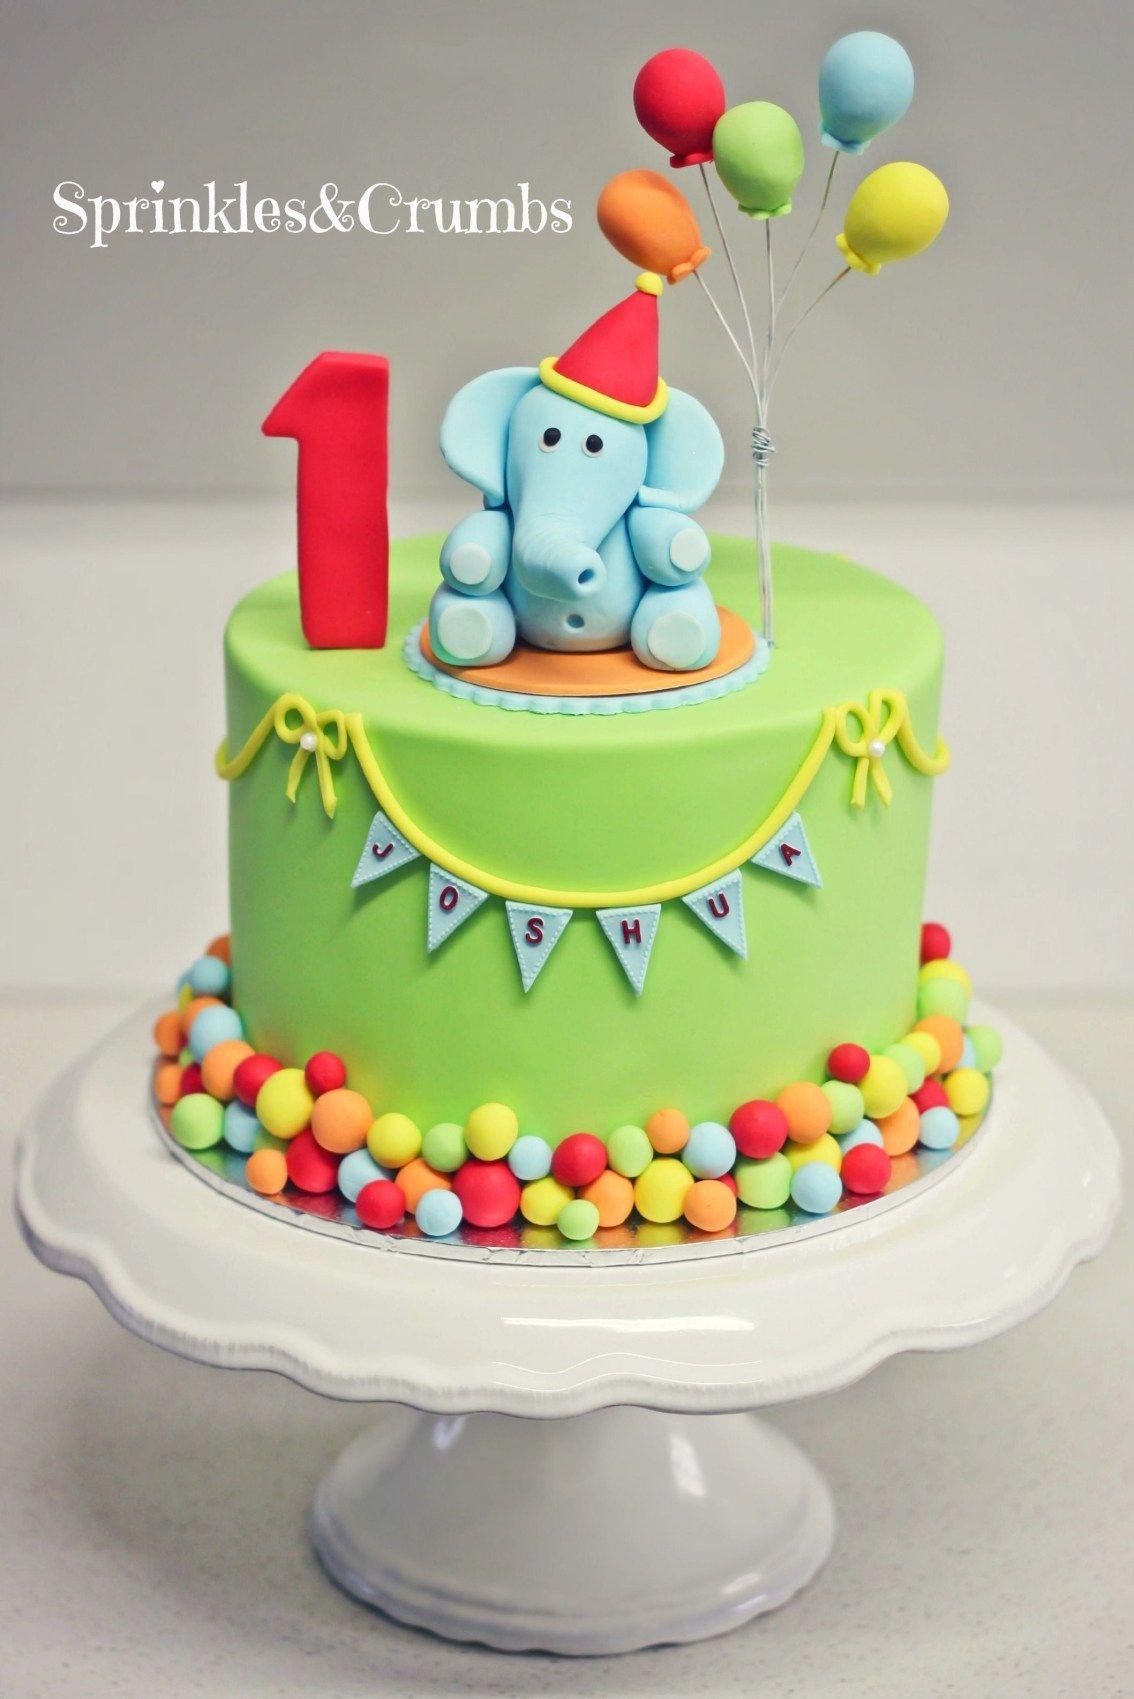 Remarkable 27 Marvelous Photo Of 1St Birthday Cake Boy Baby Birthday Cakes Personalised Birthday Cards Beptaeletsinfo